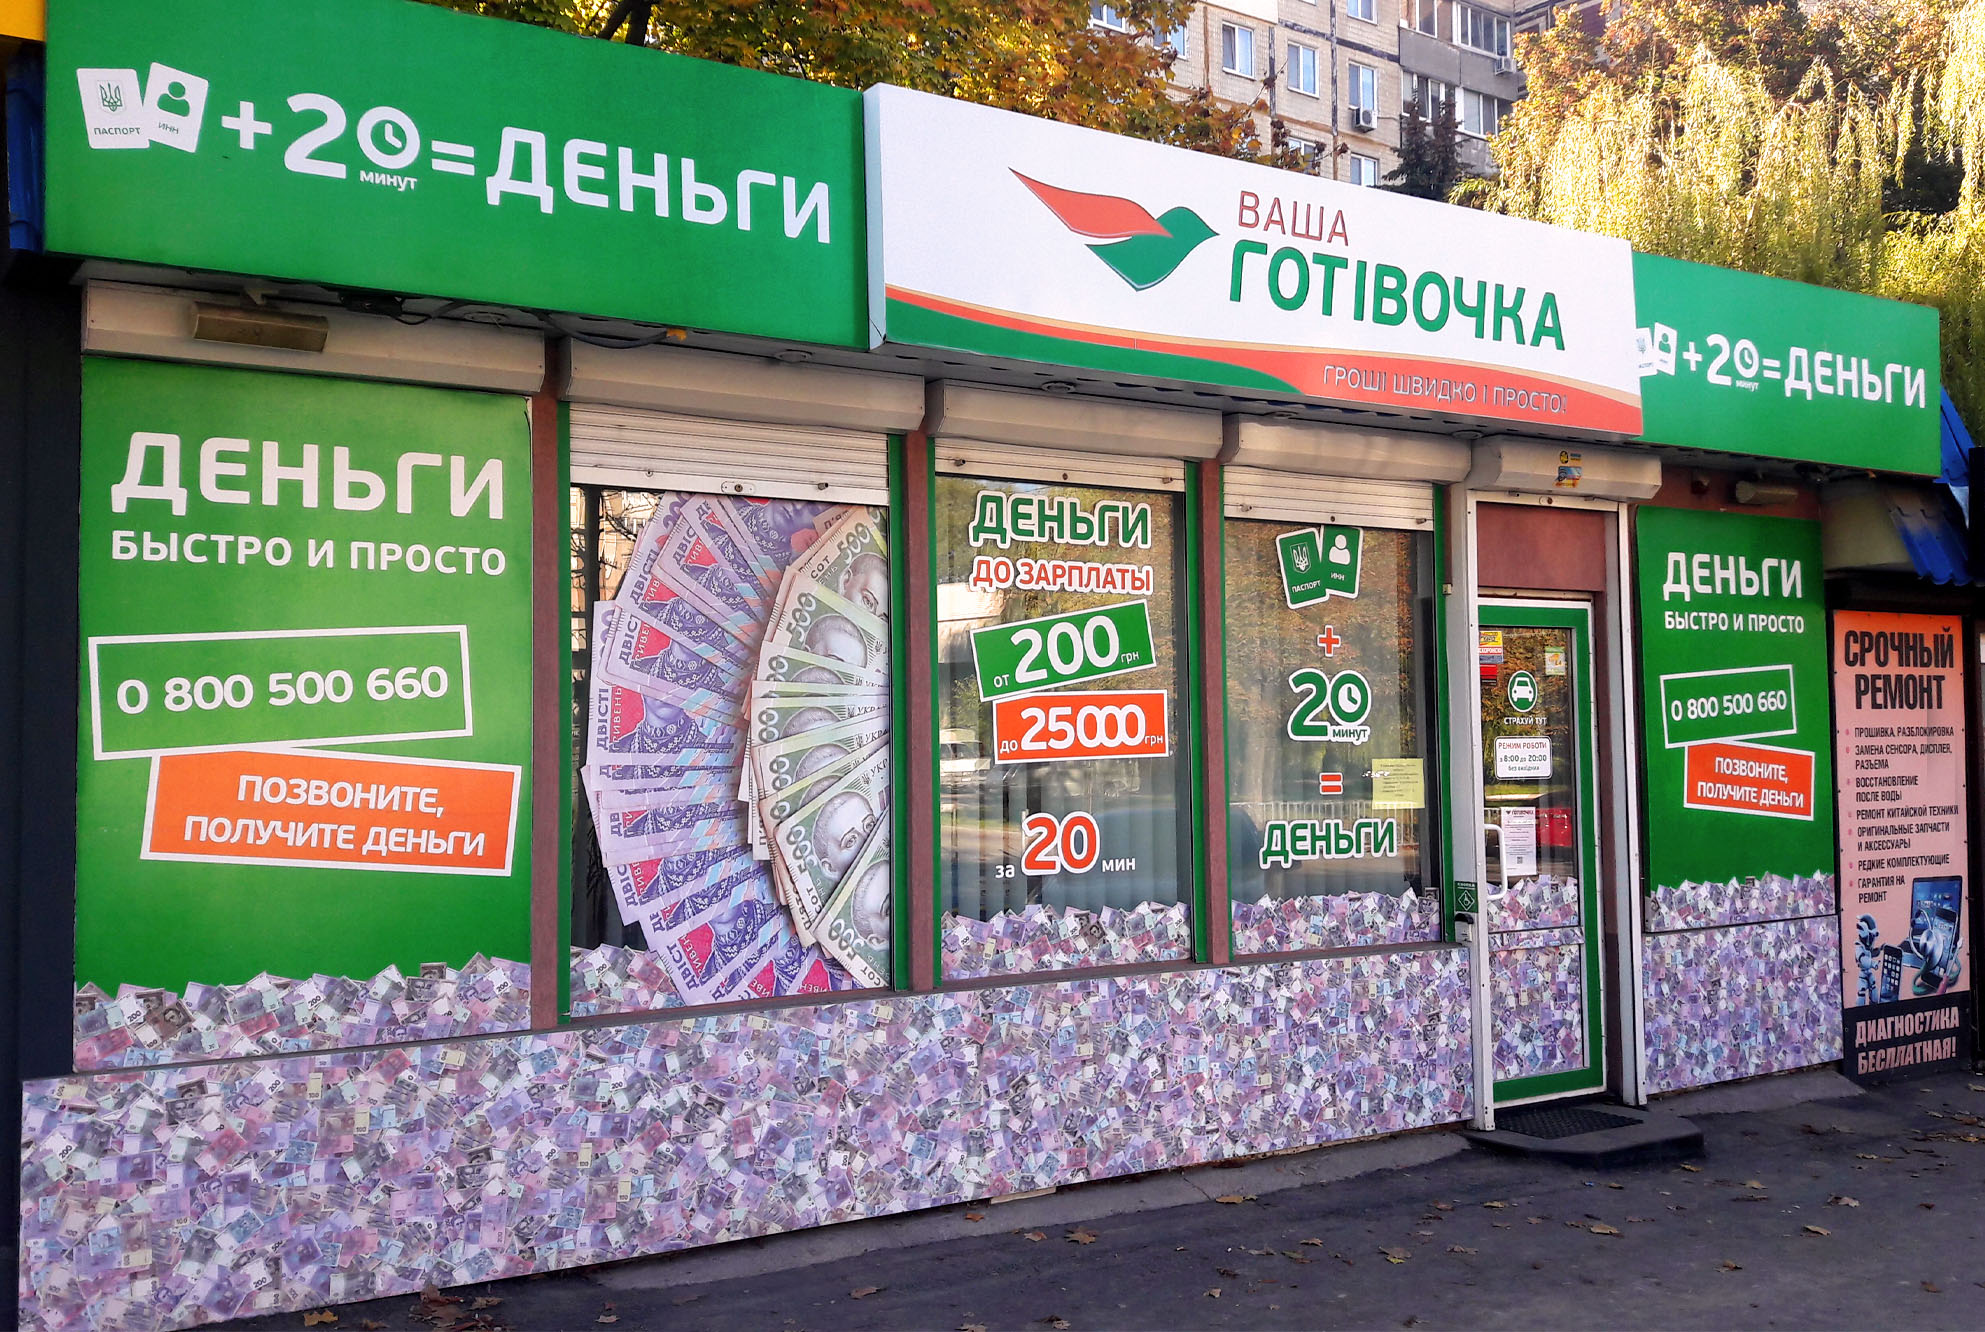 gotivochka case2